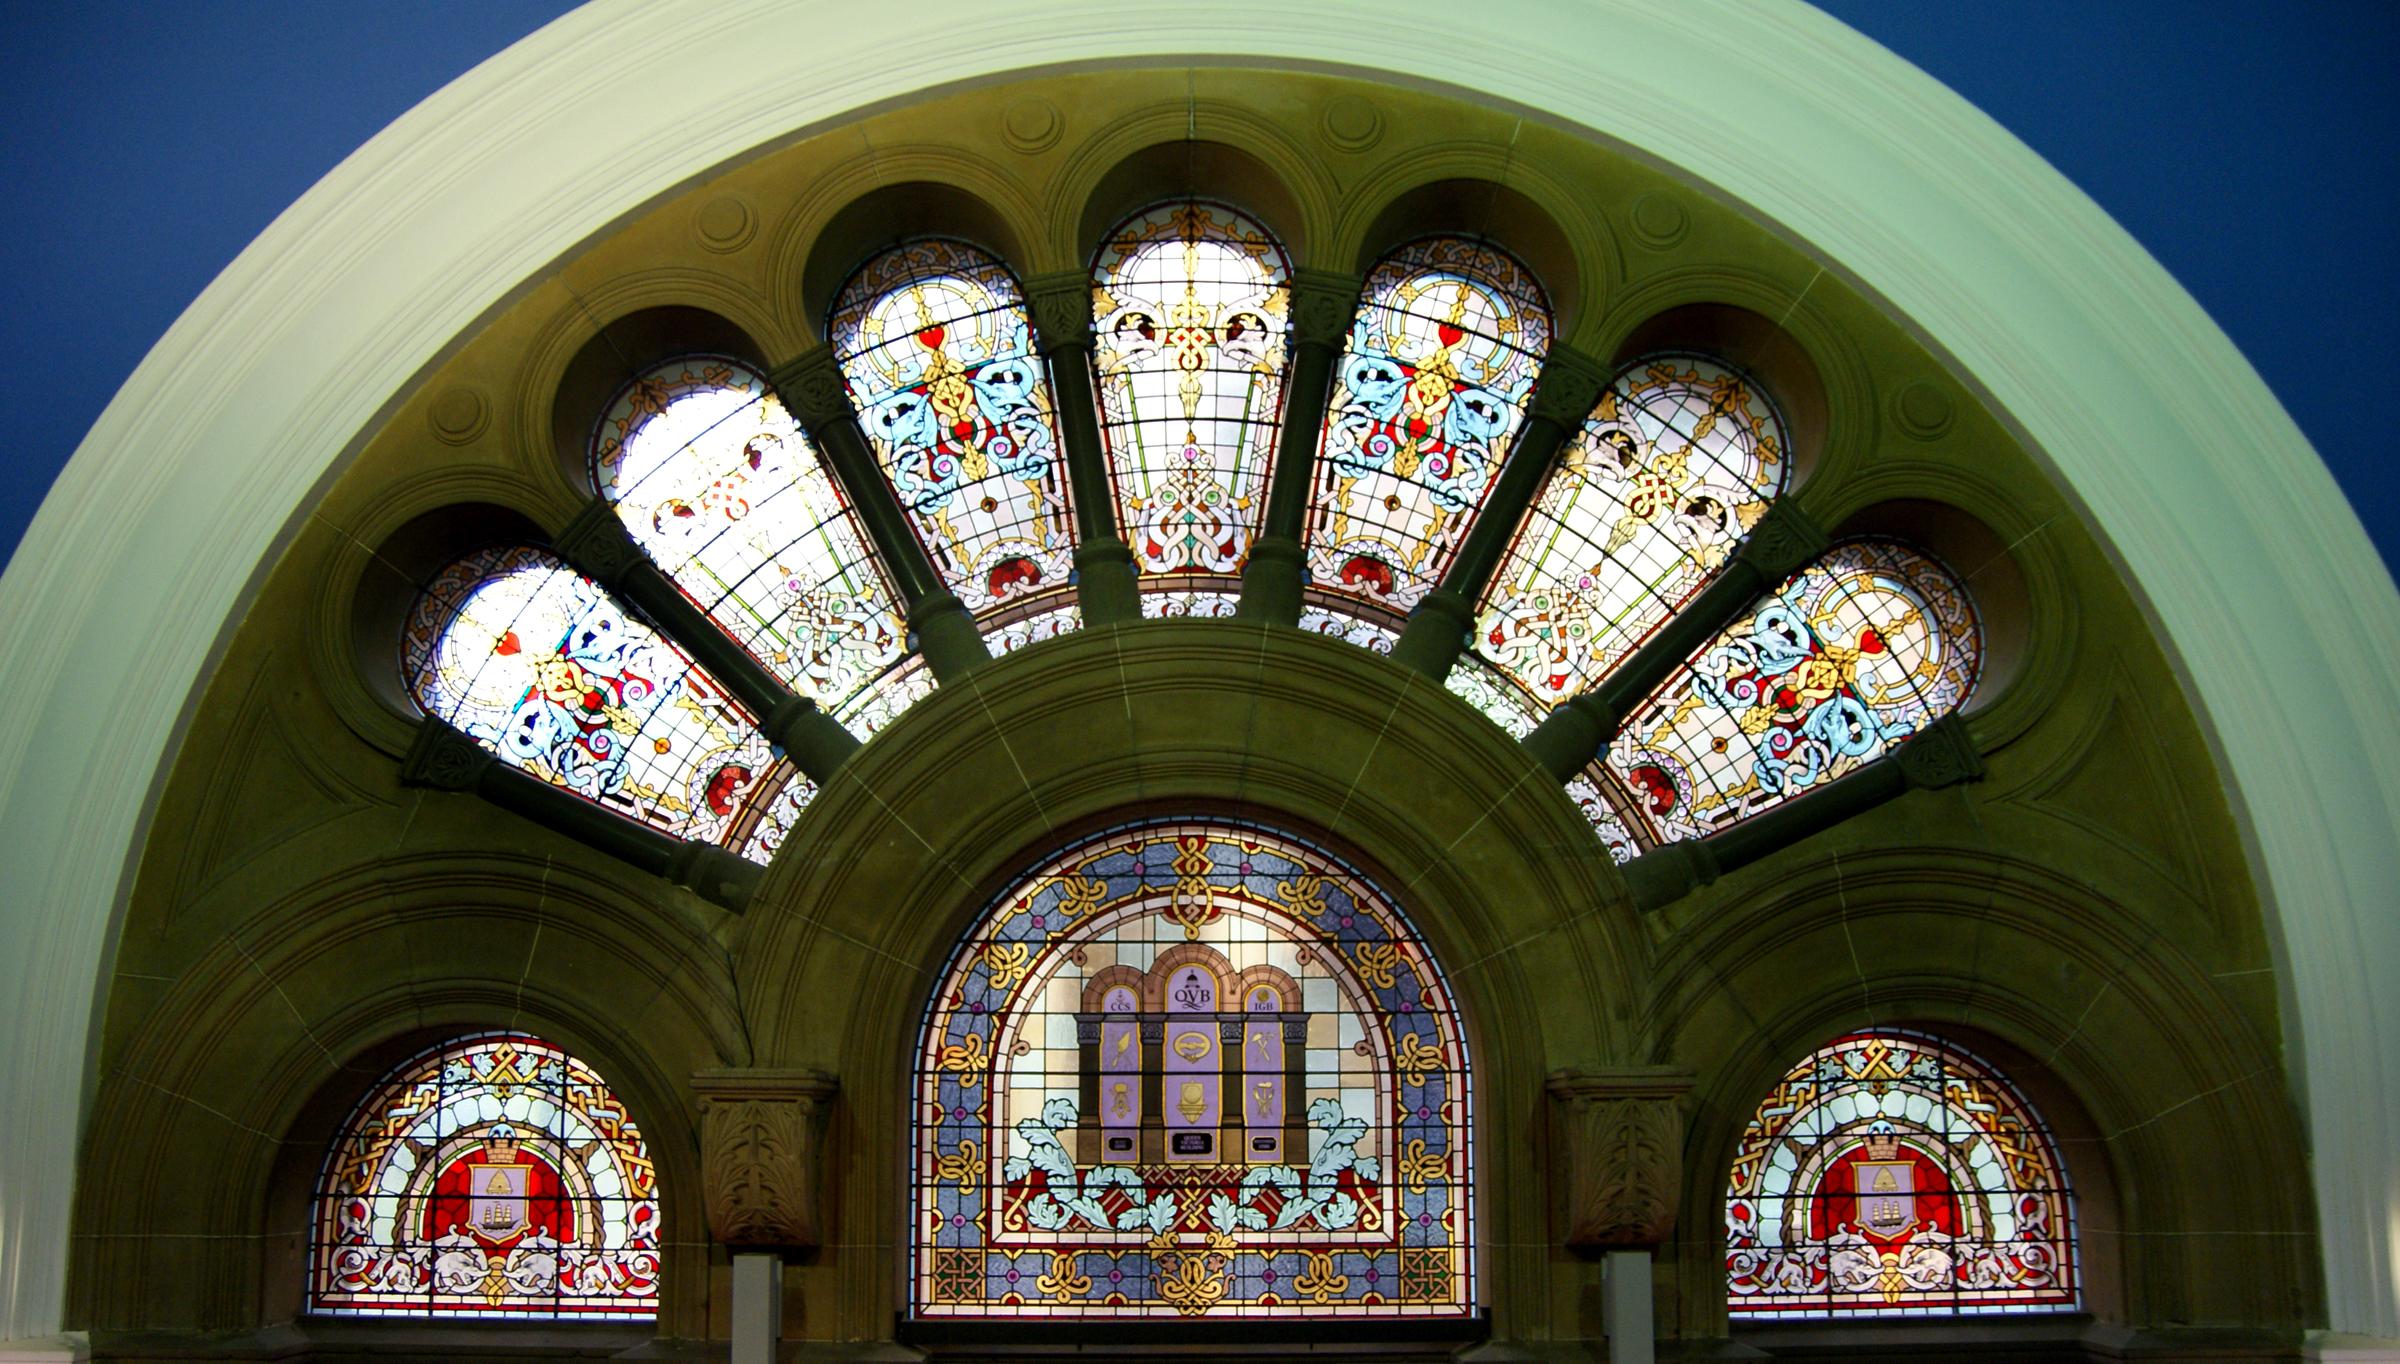 Fotos gratis : arquitectura, ventana, vaso, edificio, arco, Sydney ...